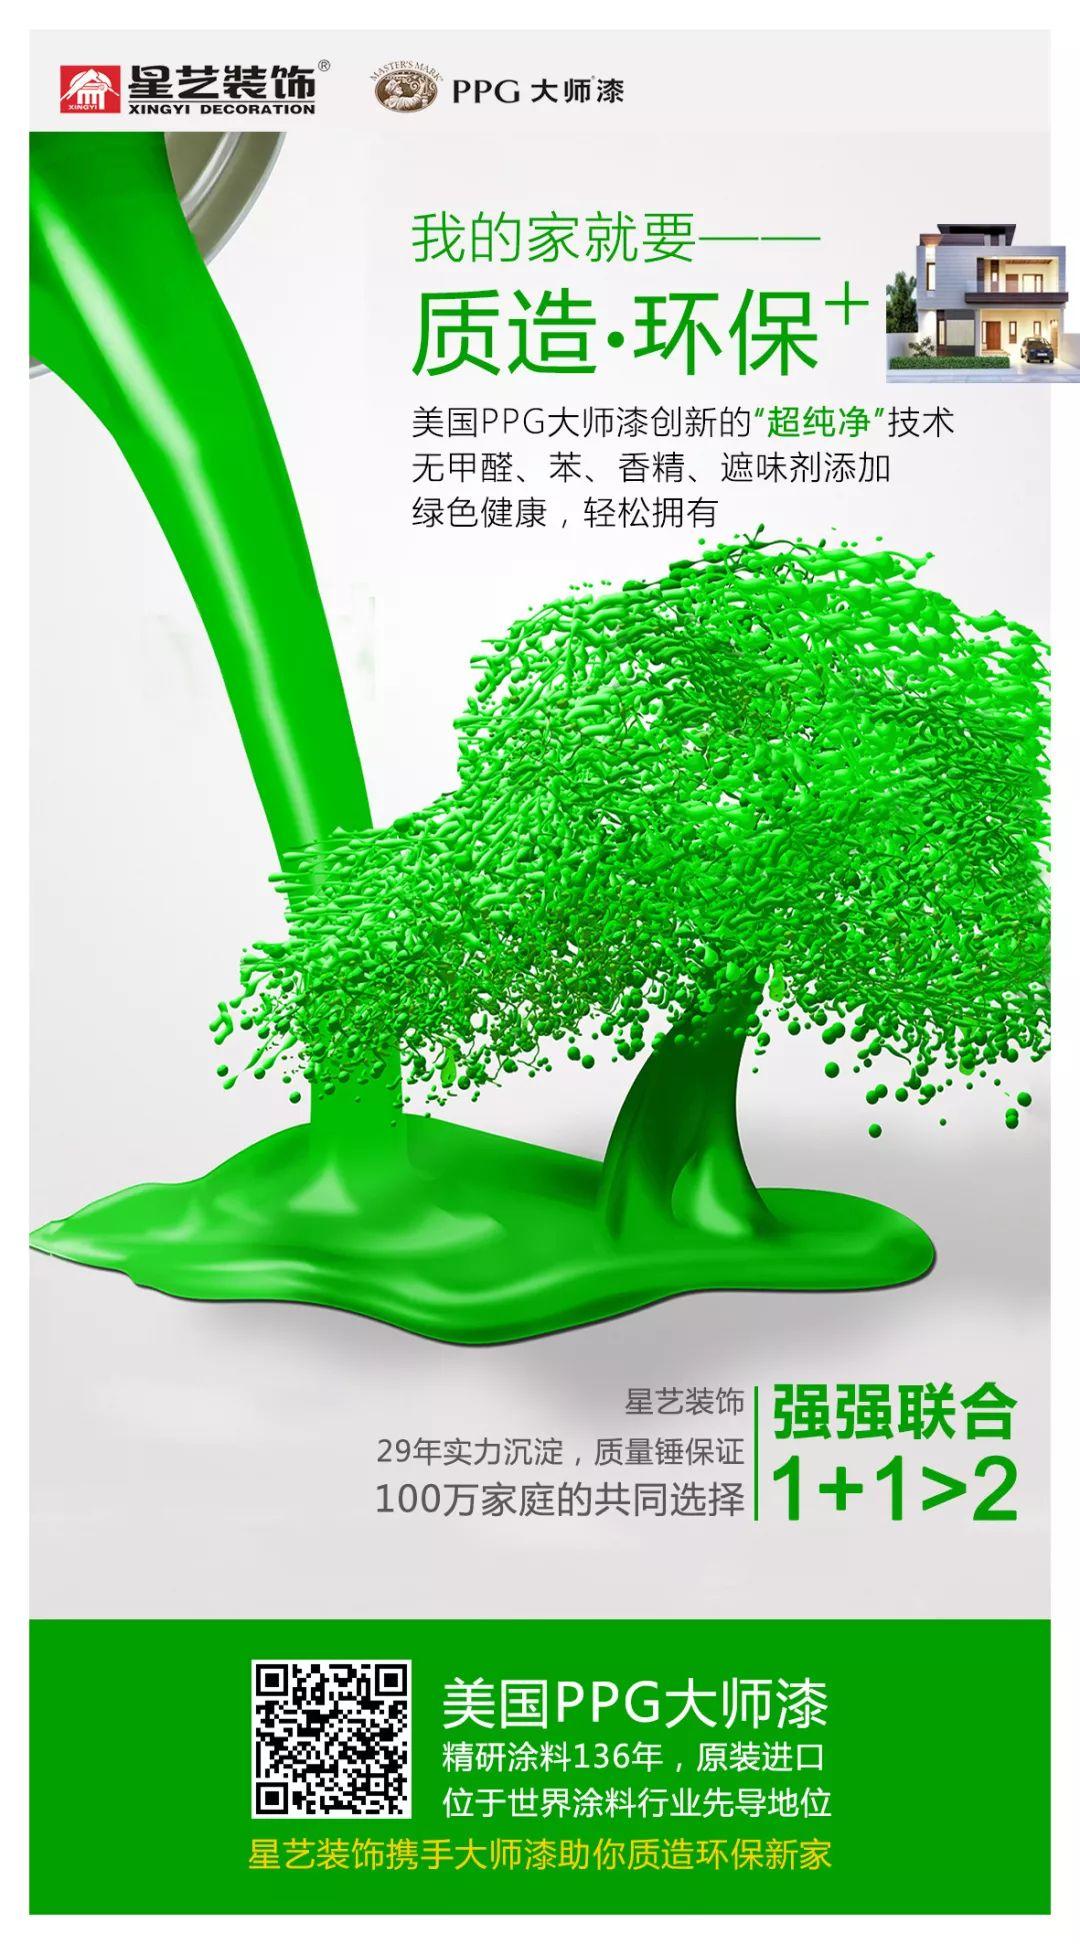 http://xystcdn.xydec.com.cn/uploadfiles/image/20190320/b614b4abe240656cf50f7f0a4e19051d.jpg